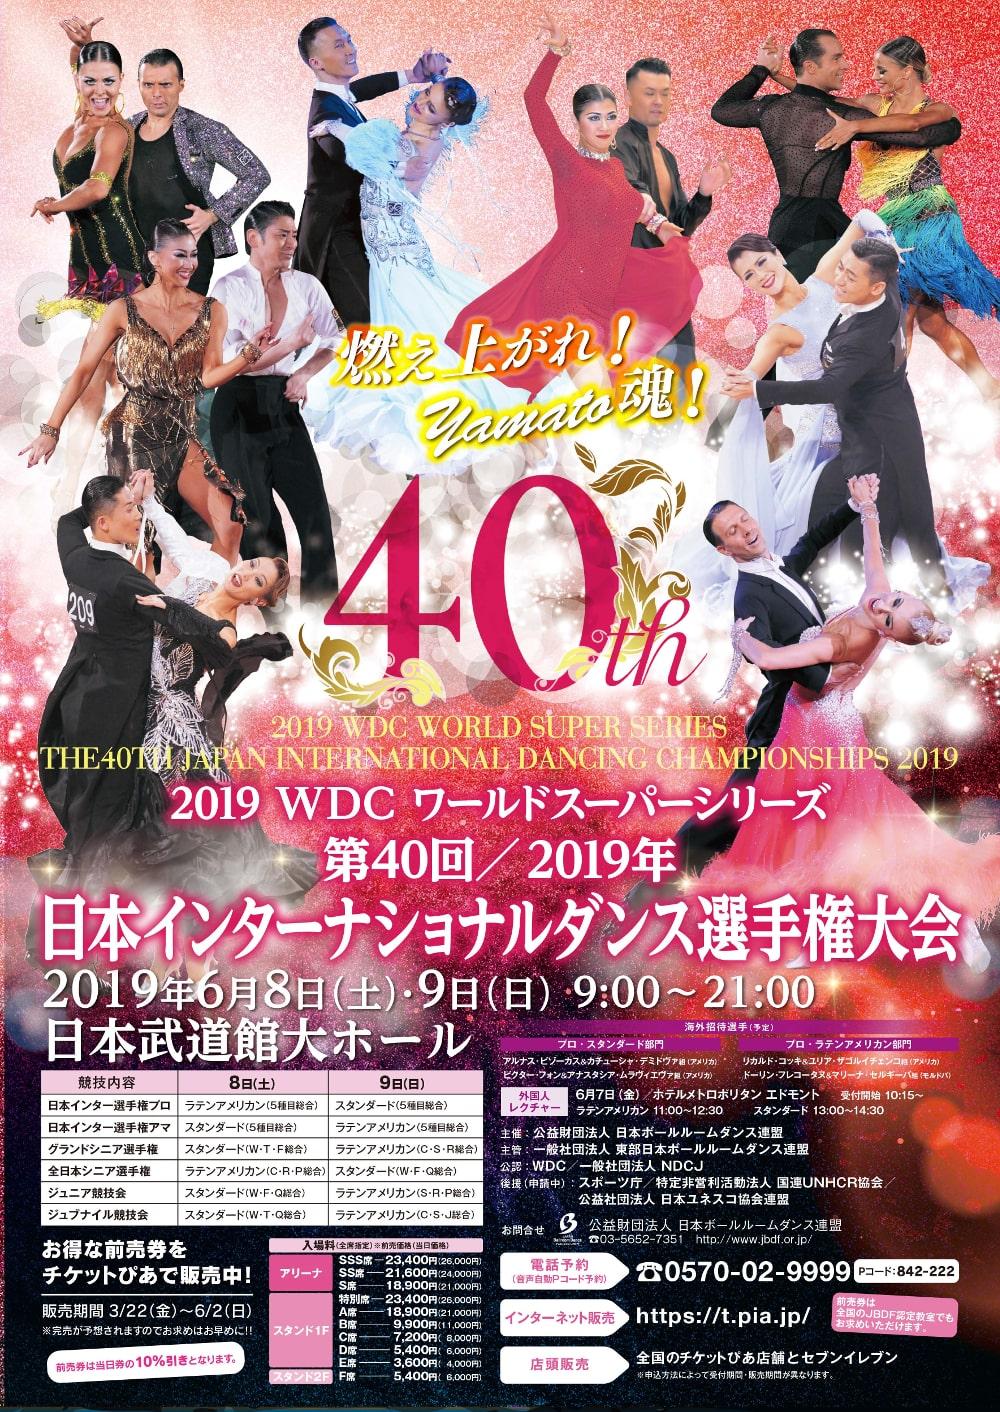 第40回/2019年日本インターナショナルダンス選手権大会